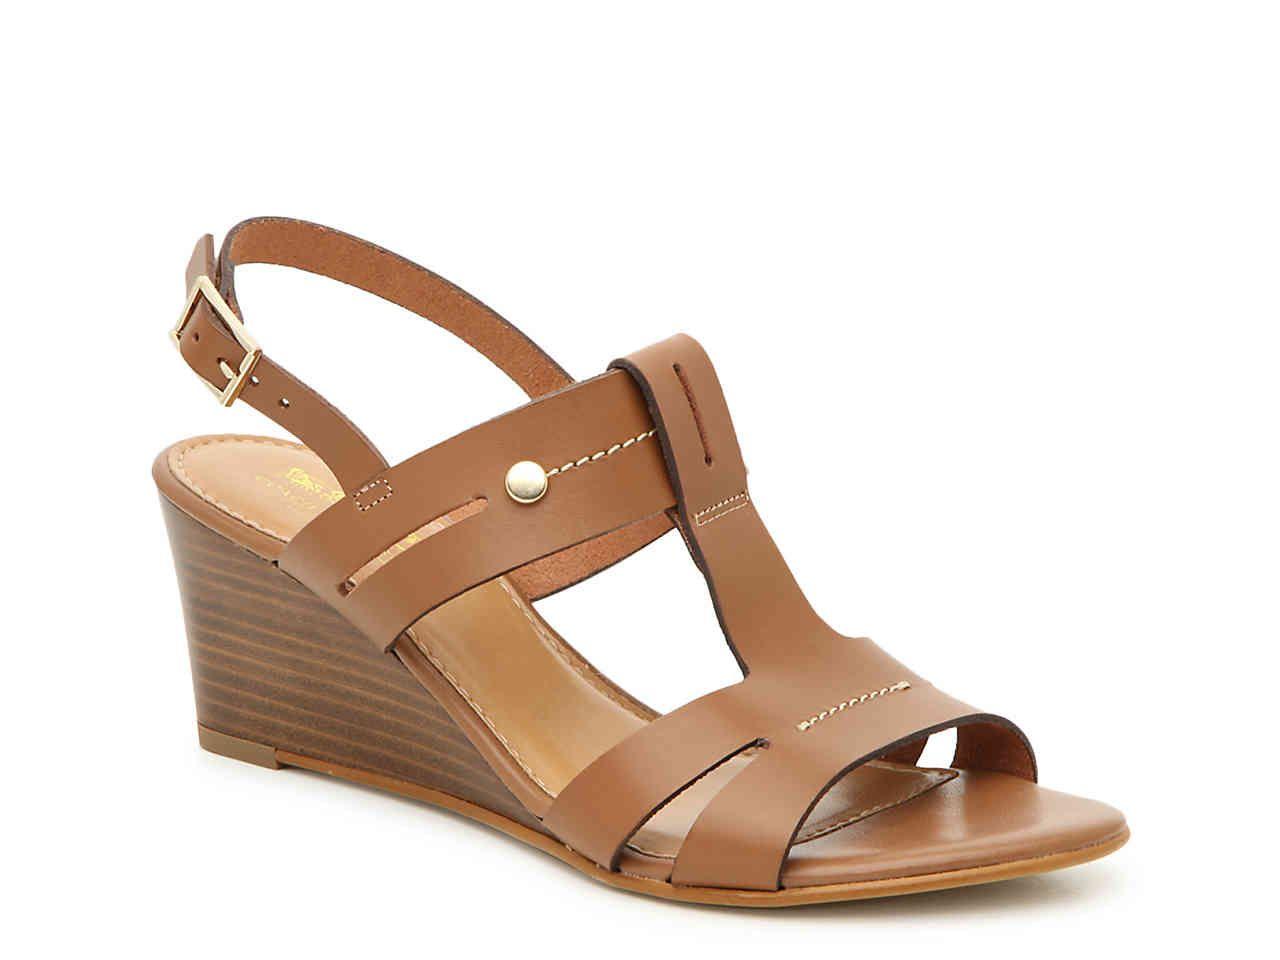 d2e40c39c60de Women Prato Wedge Sandal -Light Brown in 2019 | Shoes & Bags | Shoes ...